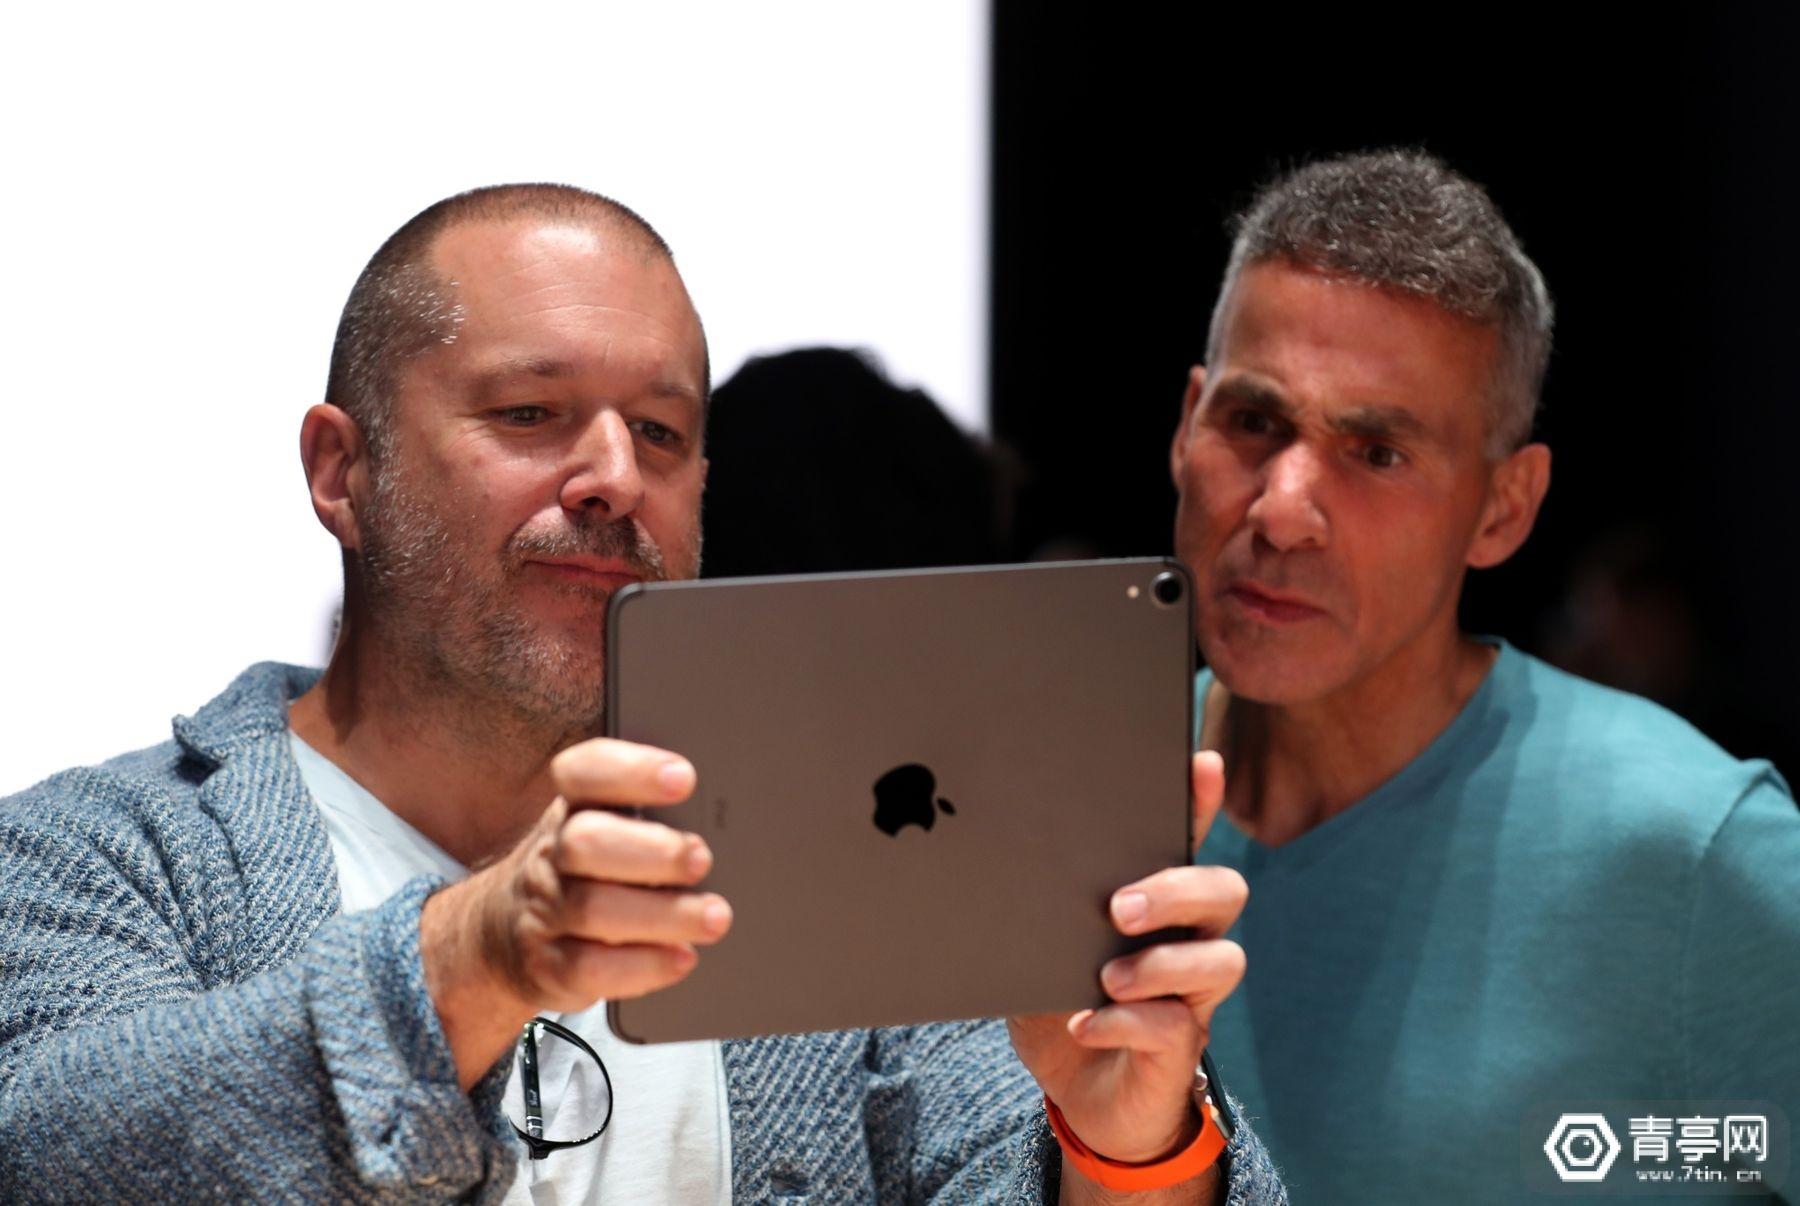 传苹果硬件工程高级副总裁Ricco转岗负责AR/VR团队